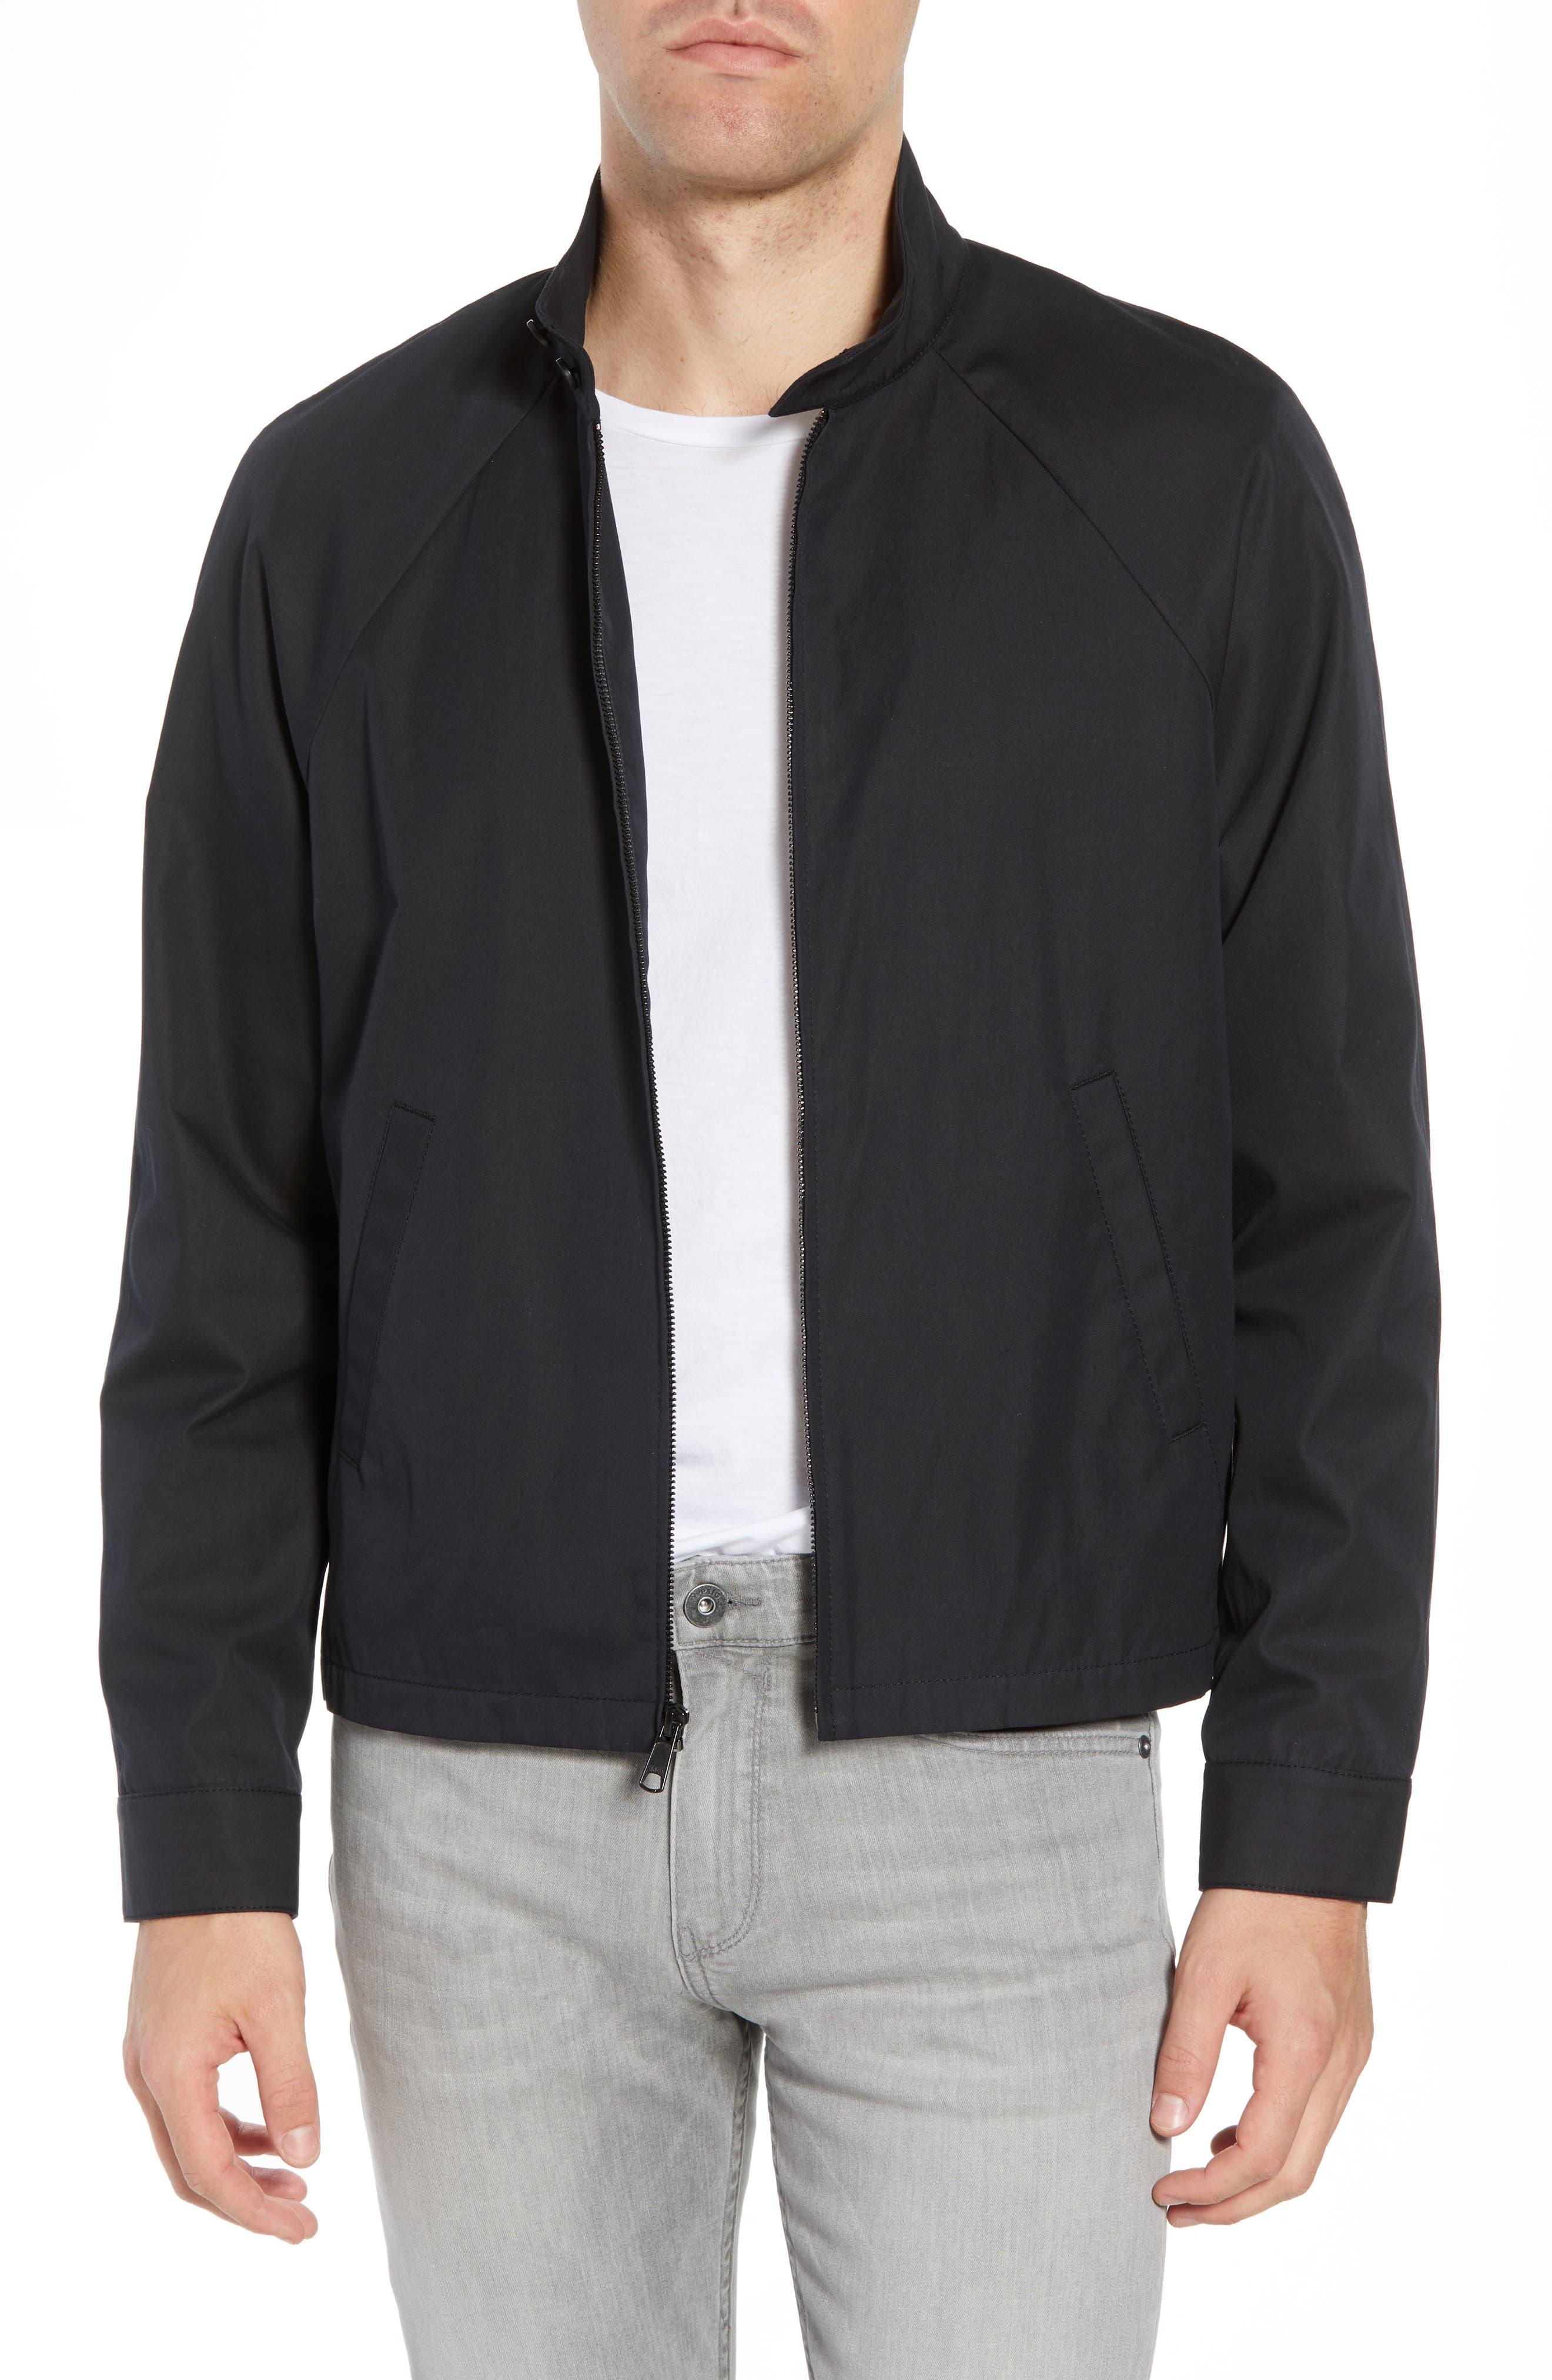 Regular Fit Jacket,                         Main,                         color, Black